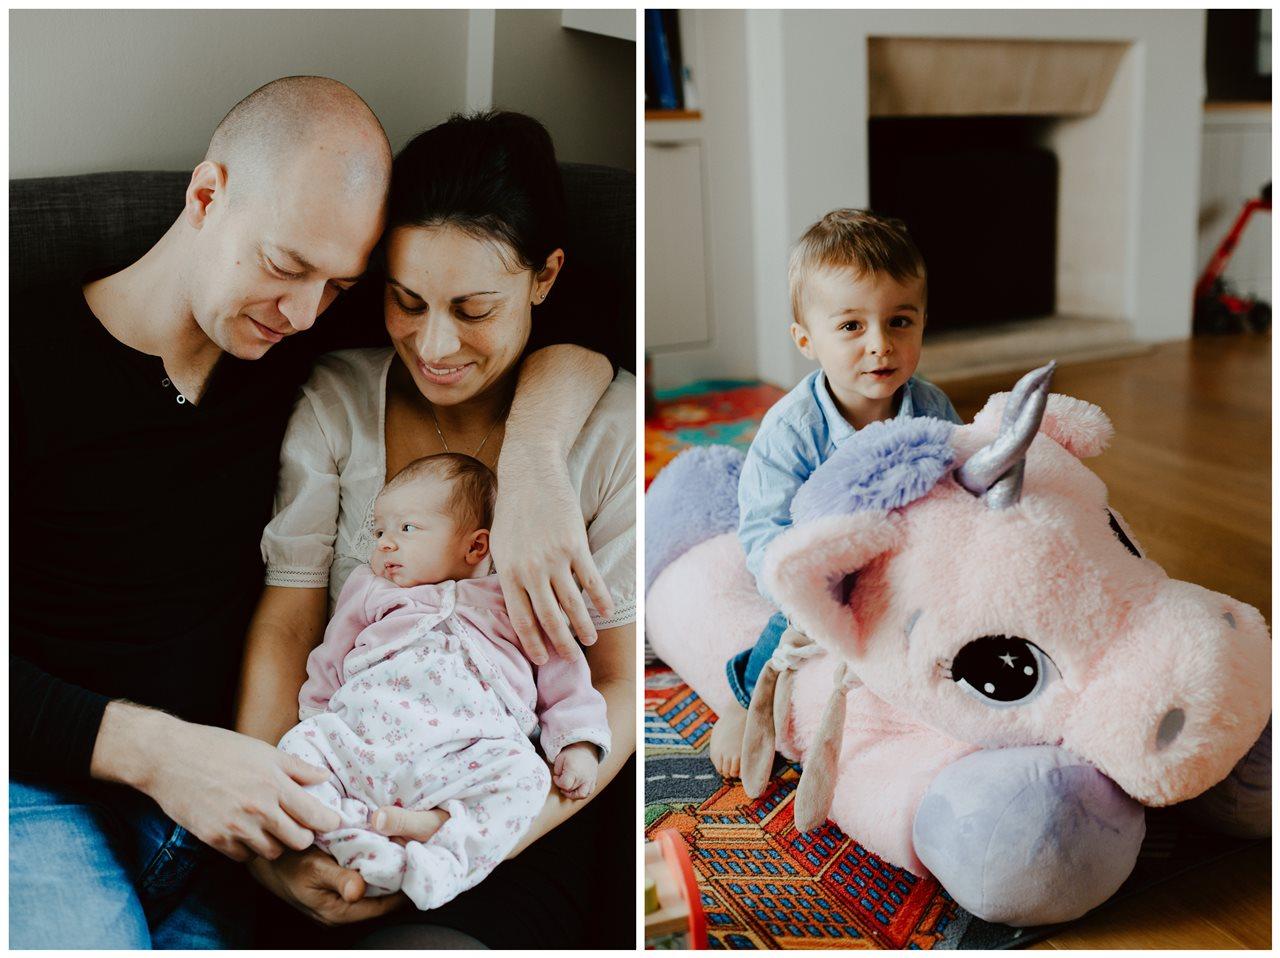 séance nouveau-né famille lifestyle portrait parents bébé et petit farçon licorne